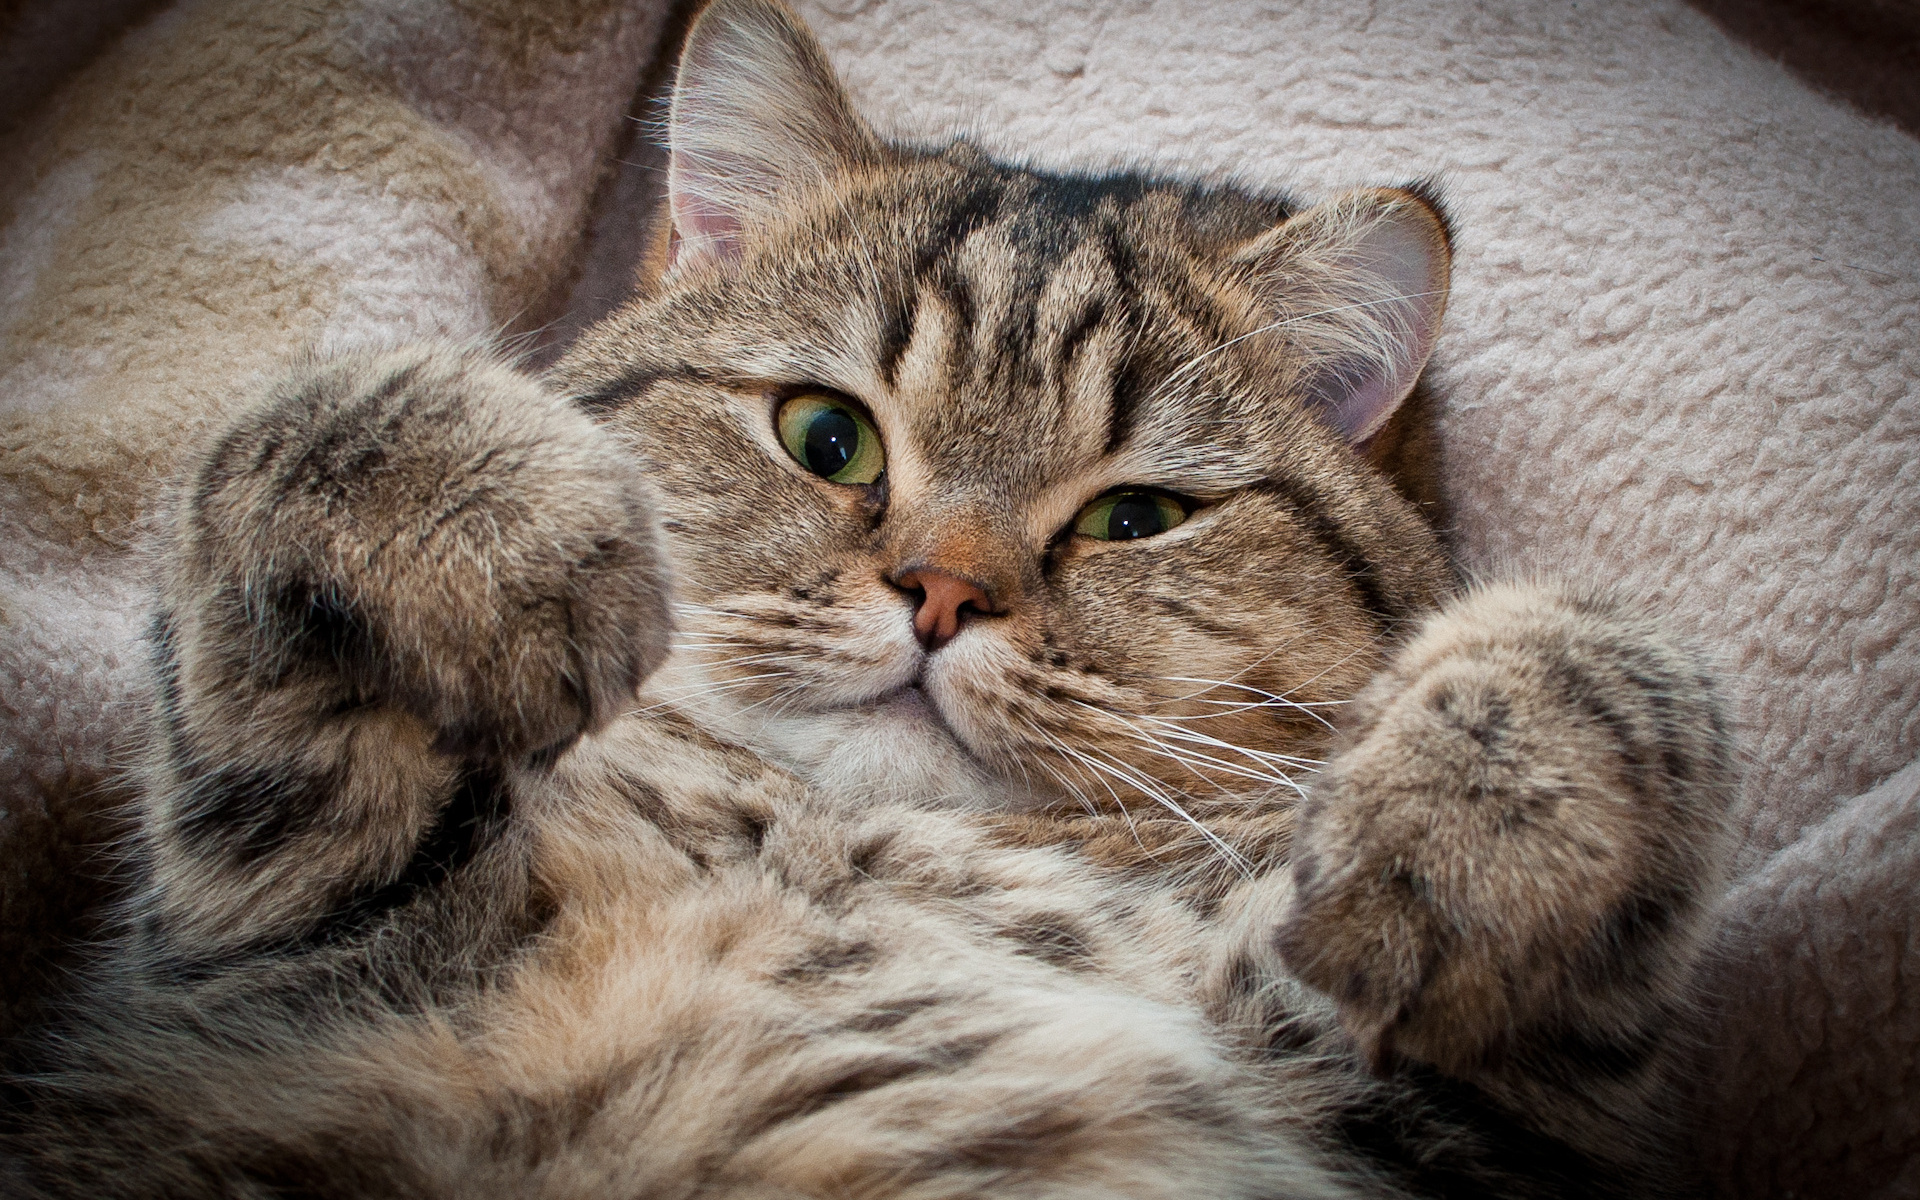 картинки кошек на телефоны опасность кхумбу